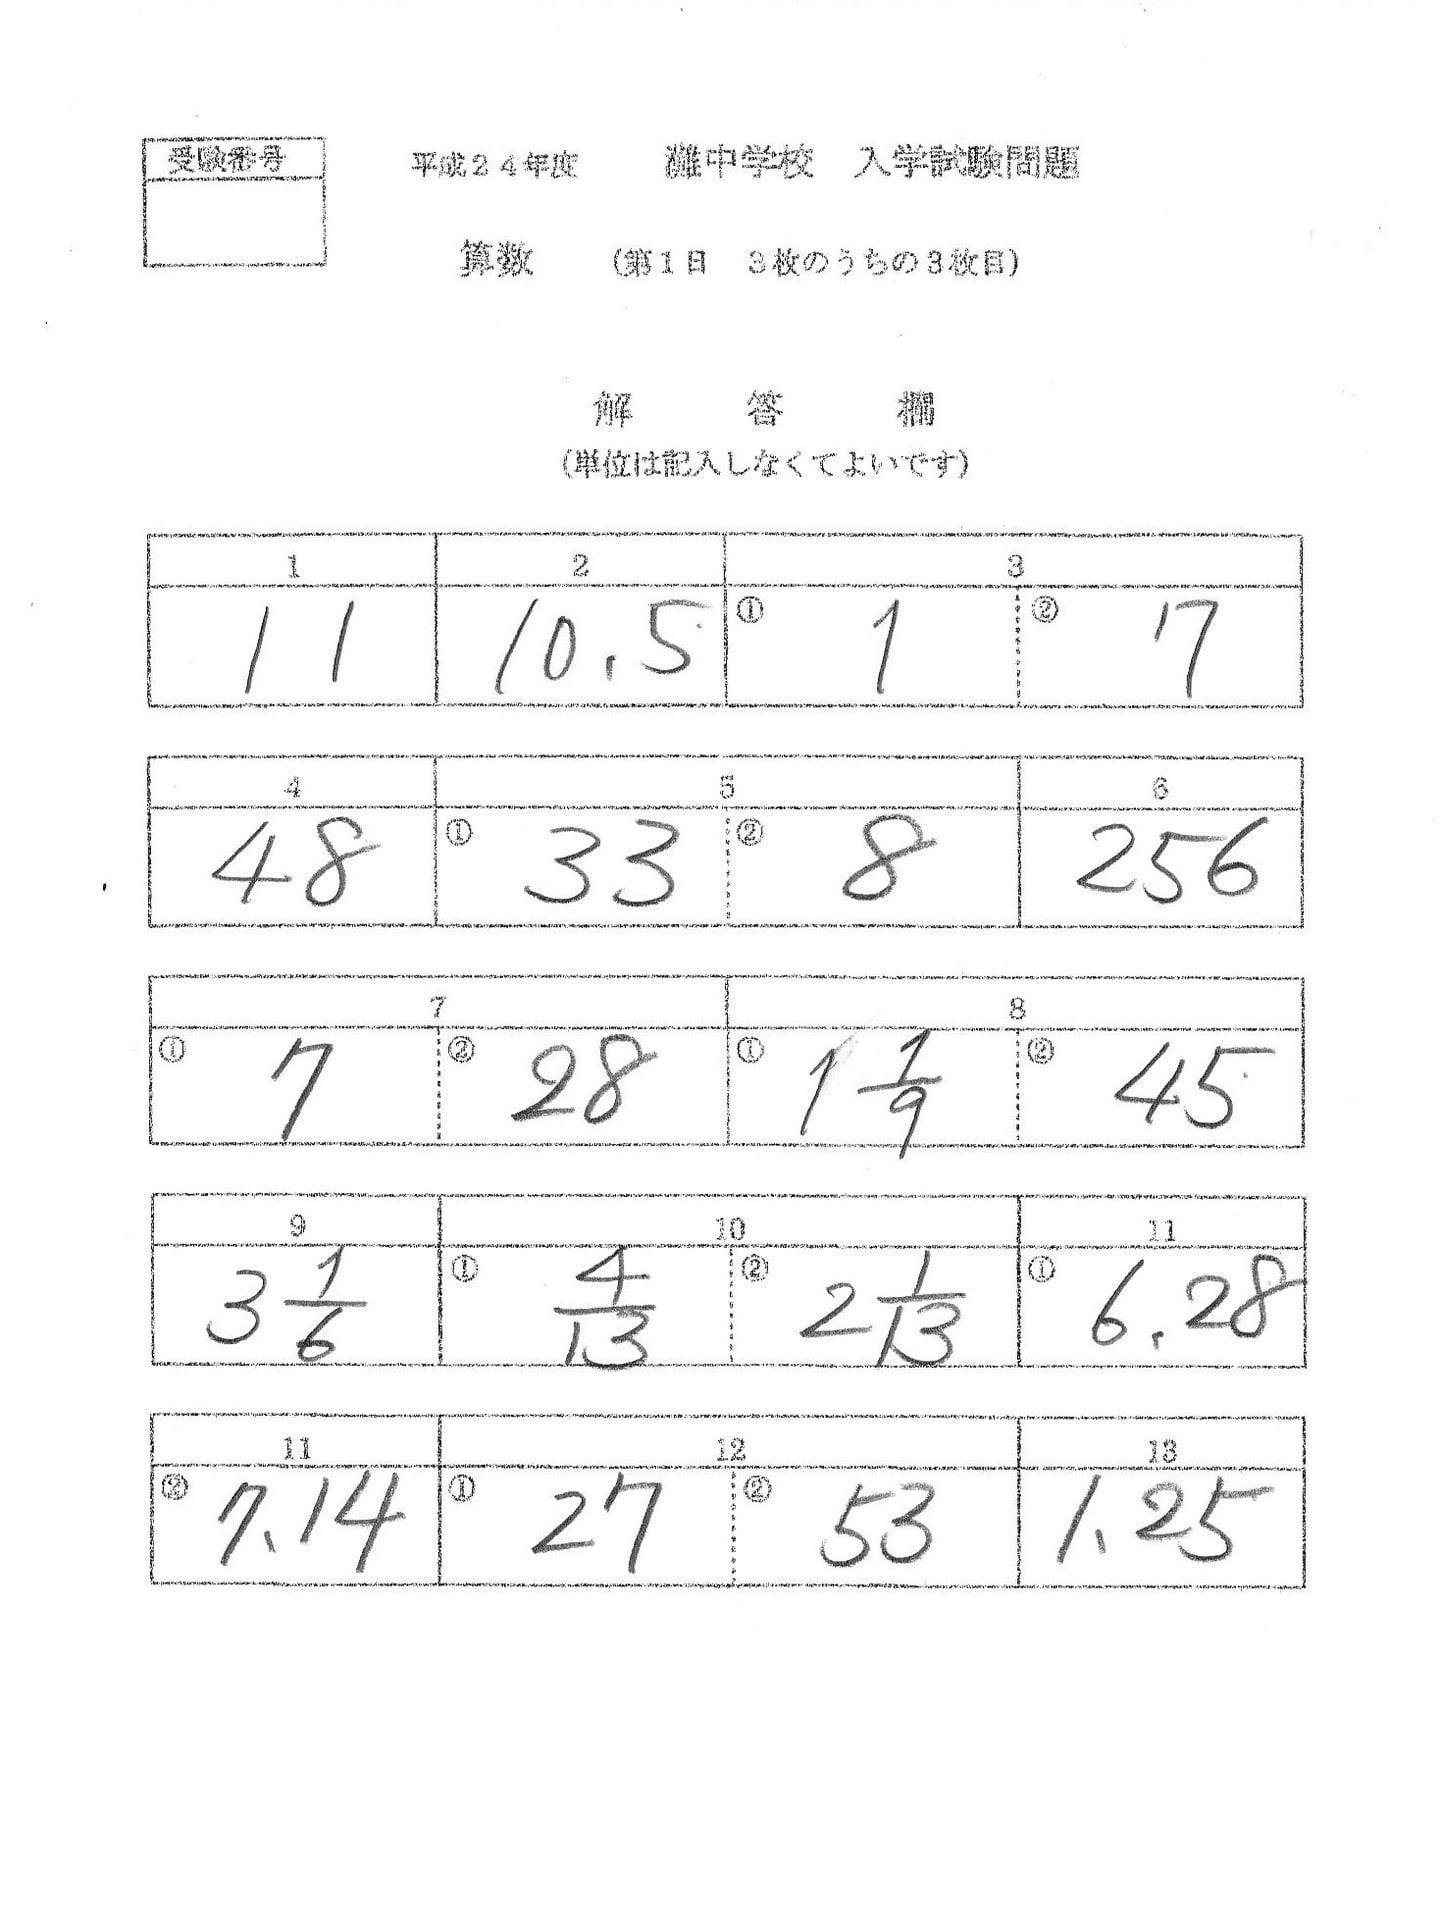 国語 国語の問題 : 灘中学校 2012年入試問題(算数 ...